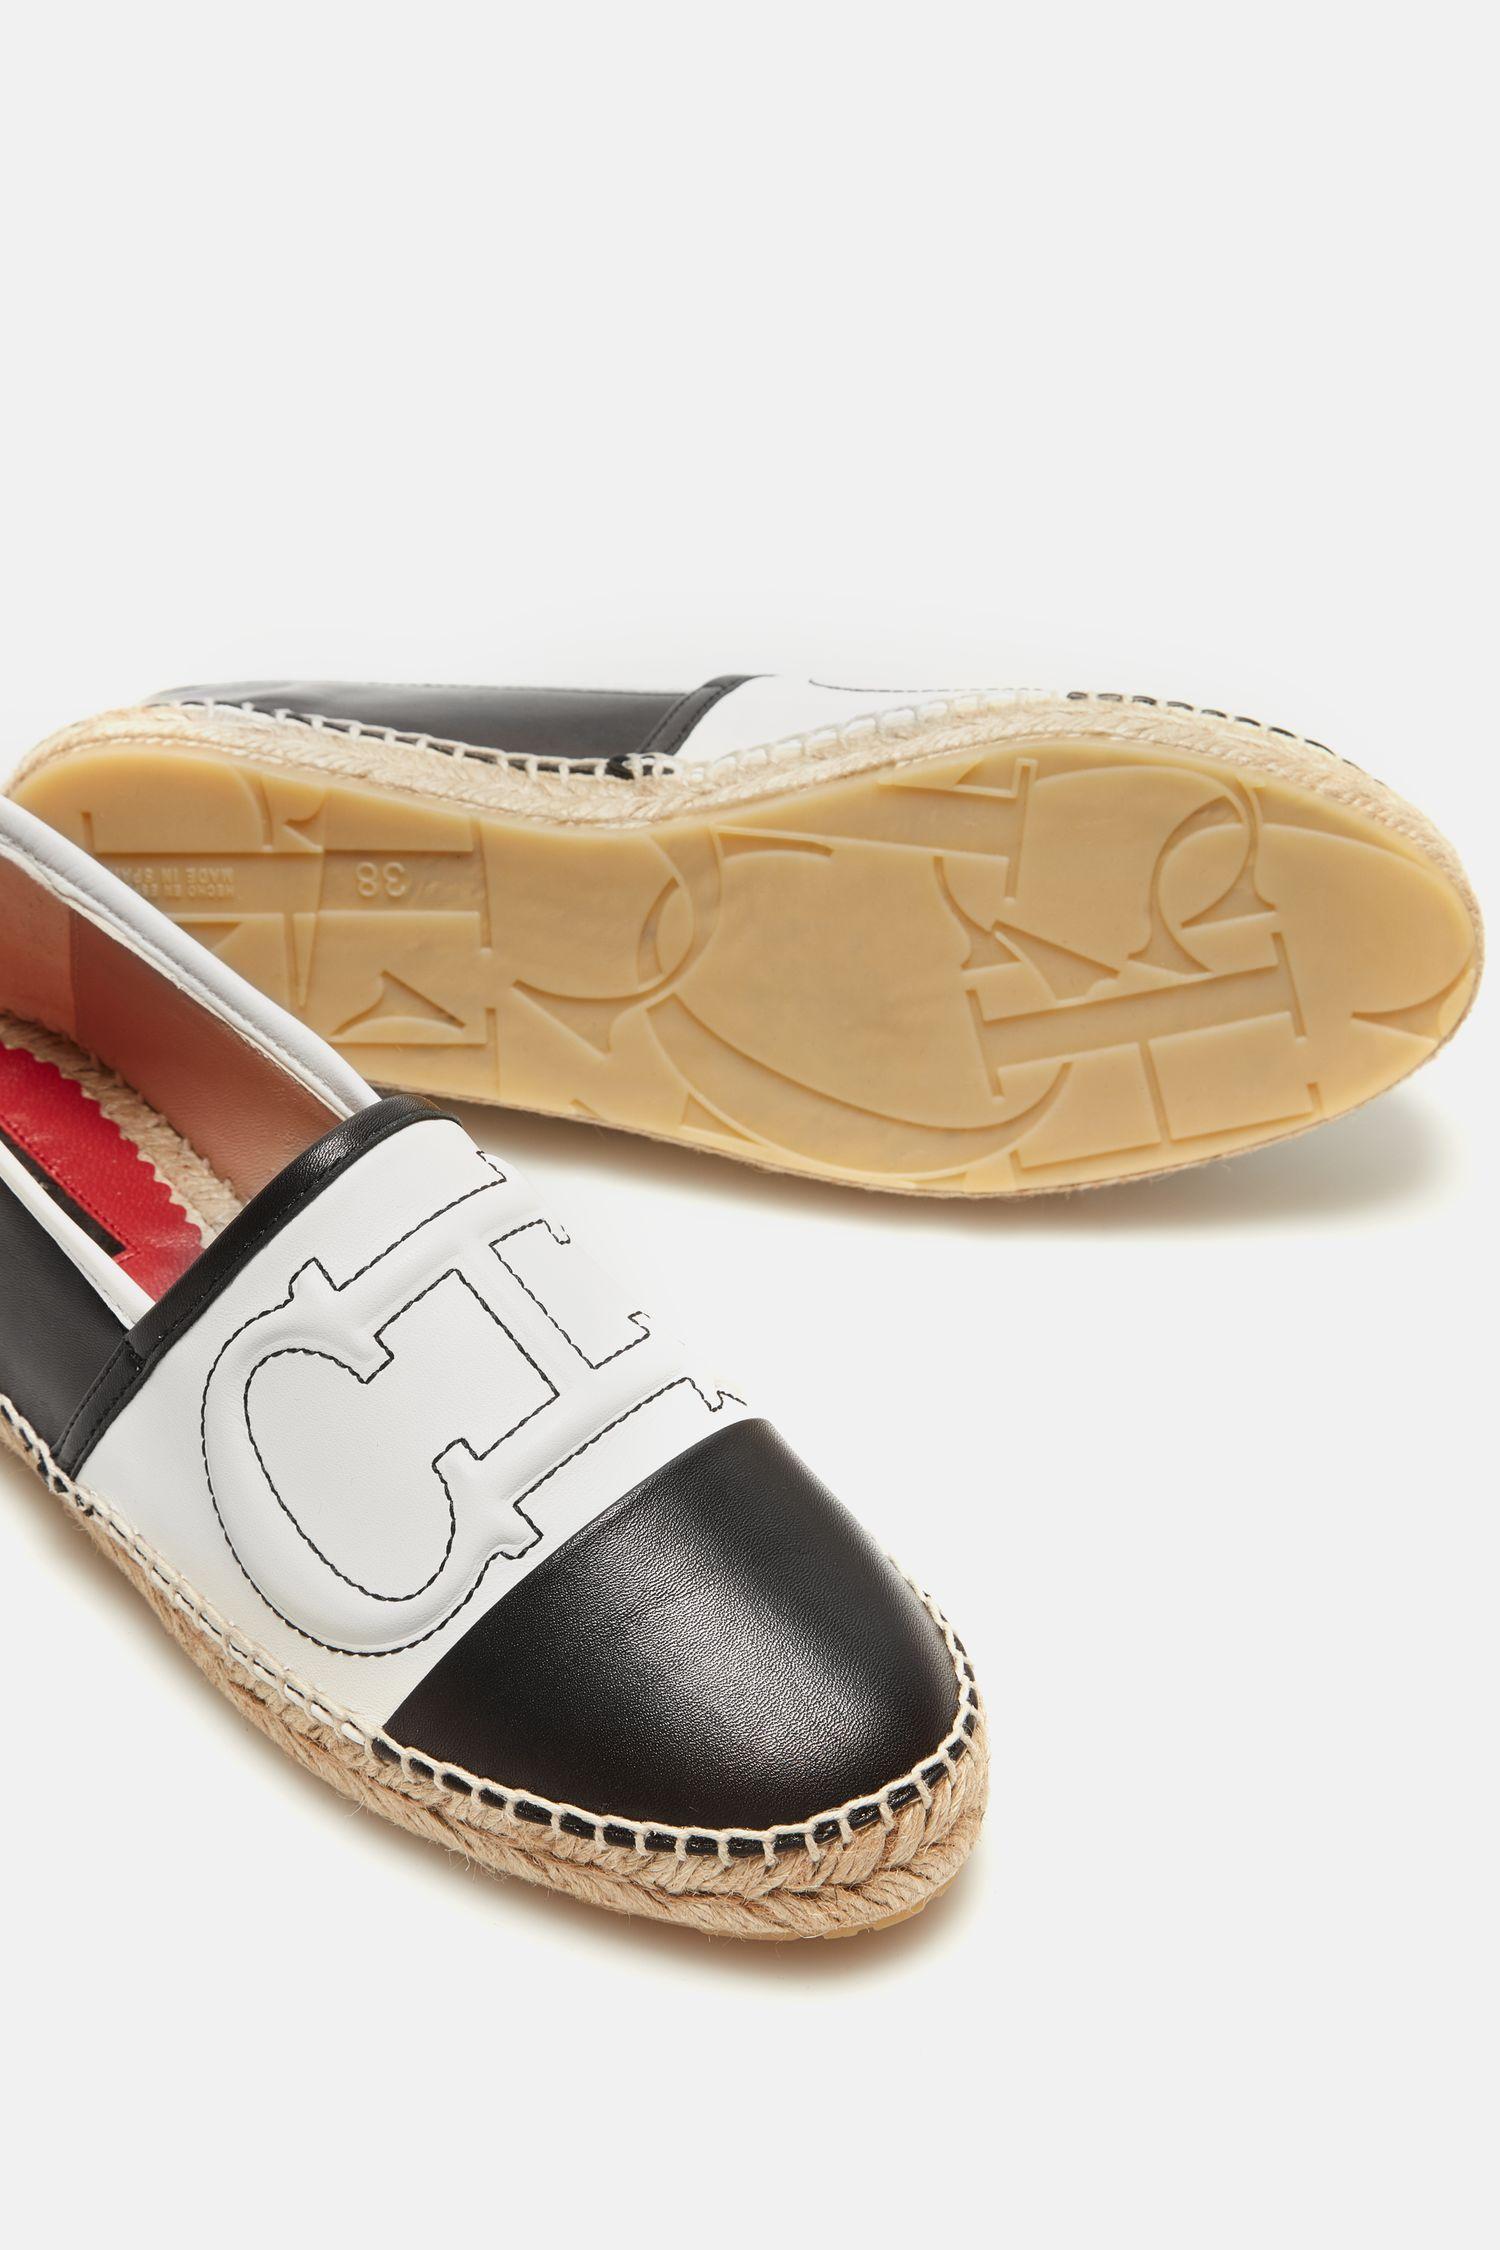 Initials Insignia leather espadrilles